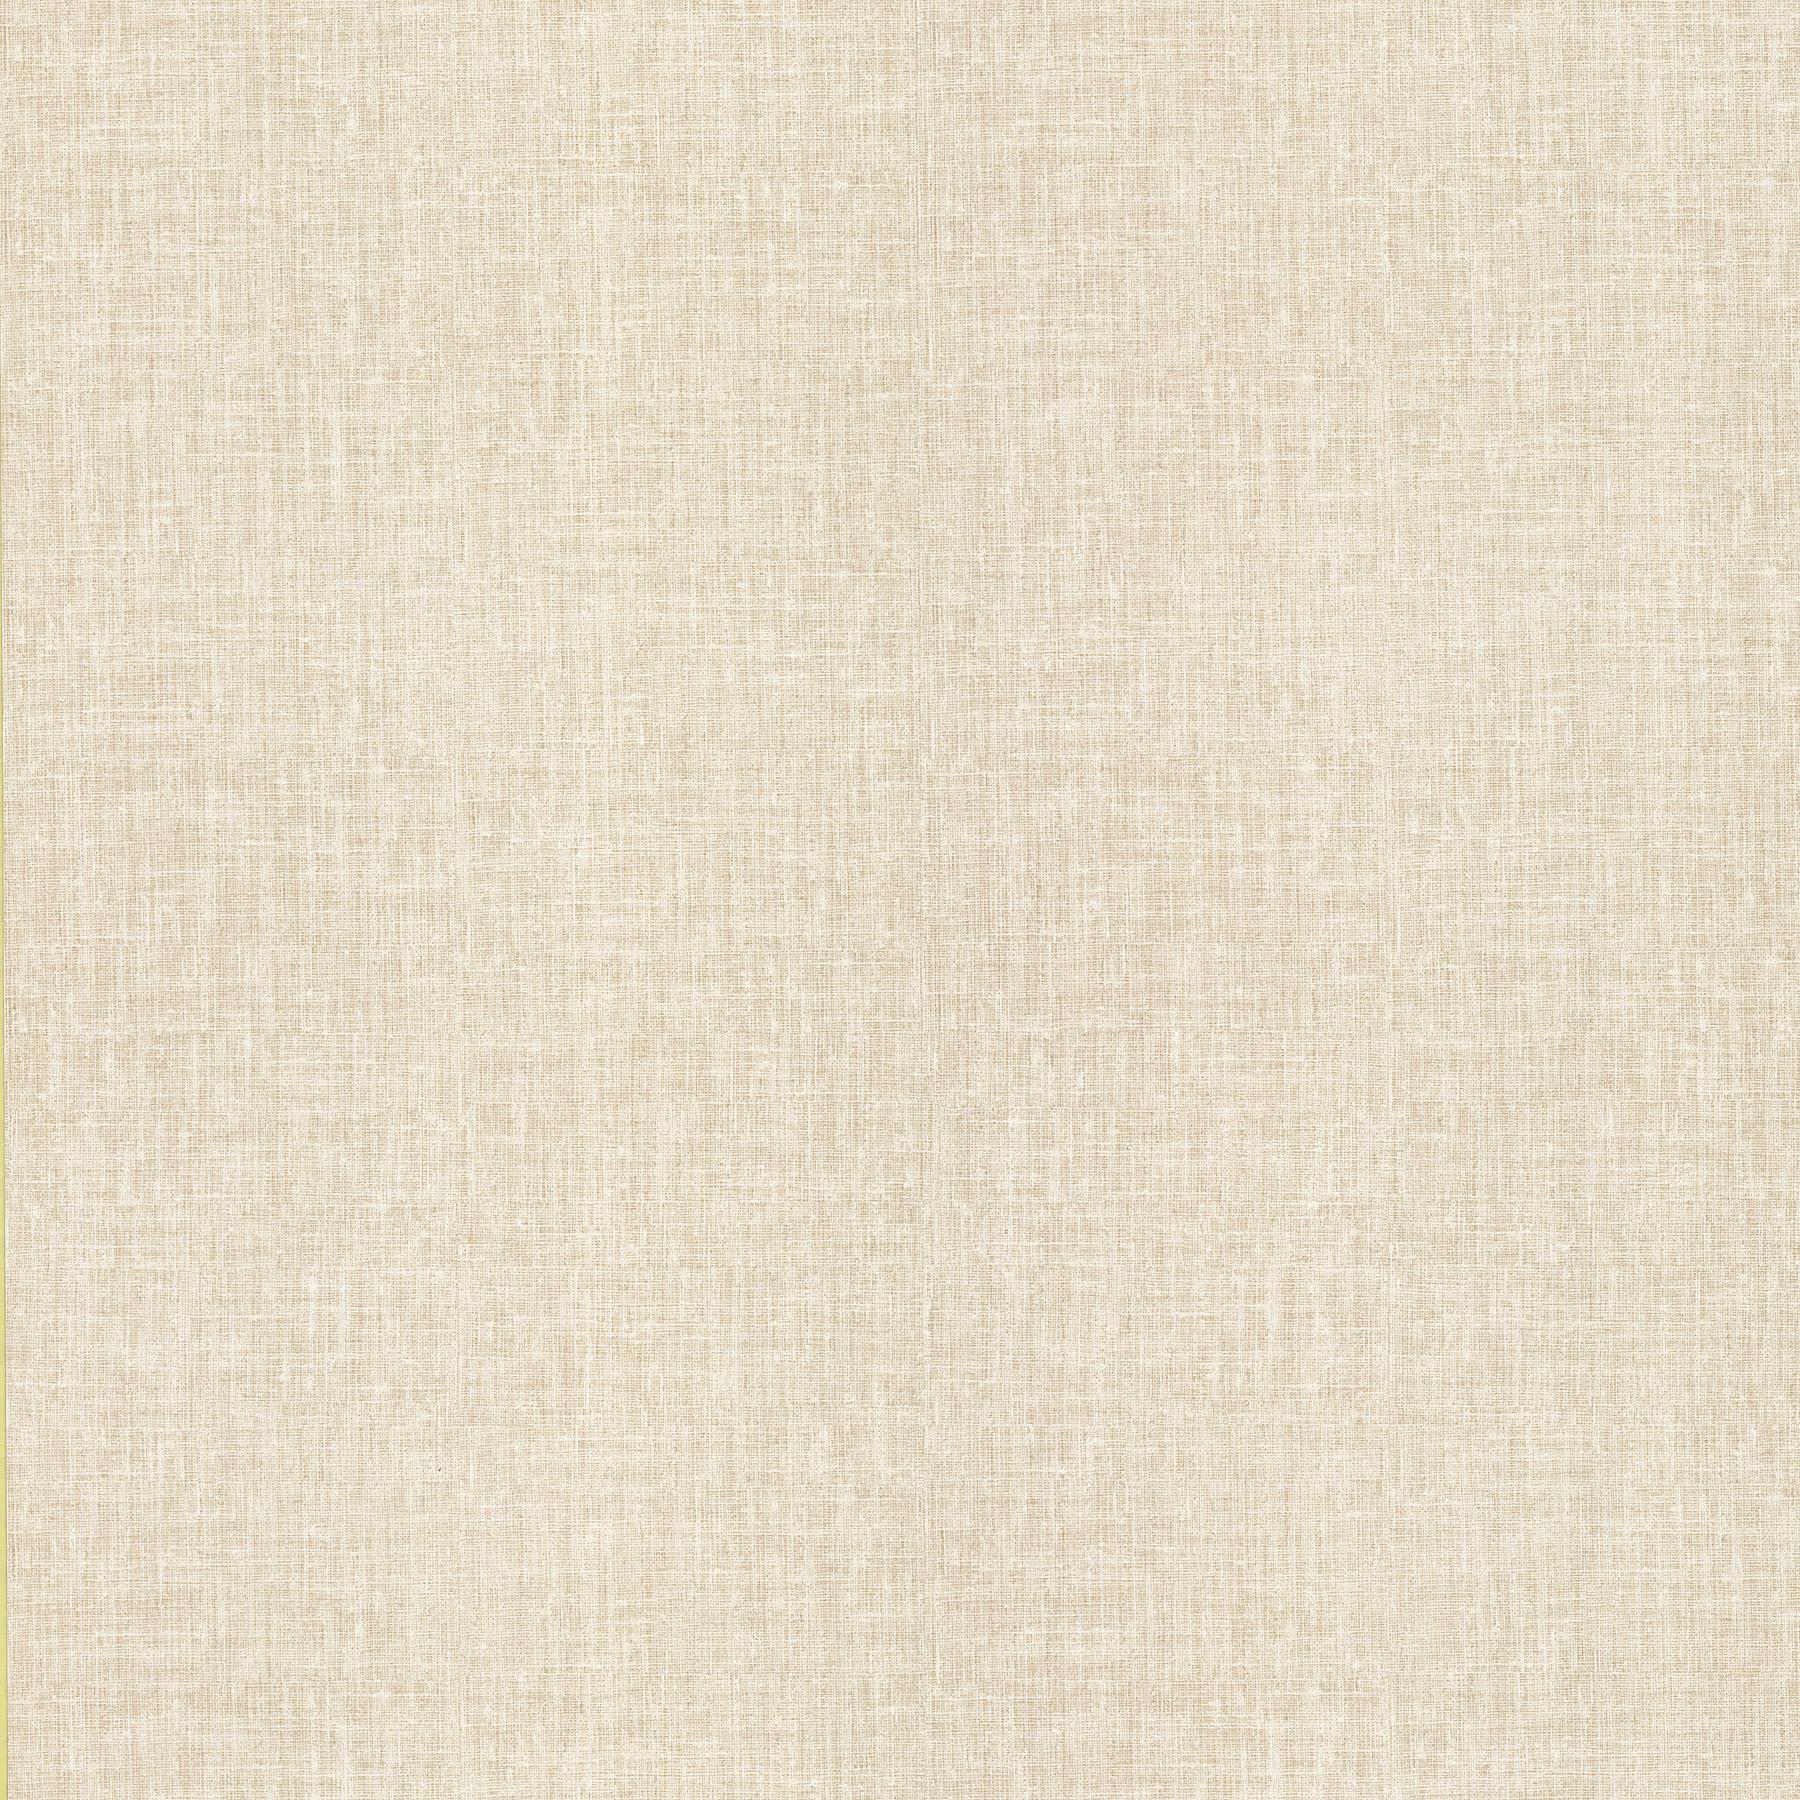 Picture of Brielle Cream Blossom Texture Wallpaper